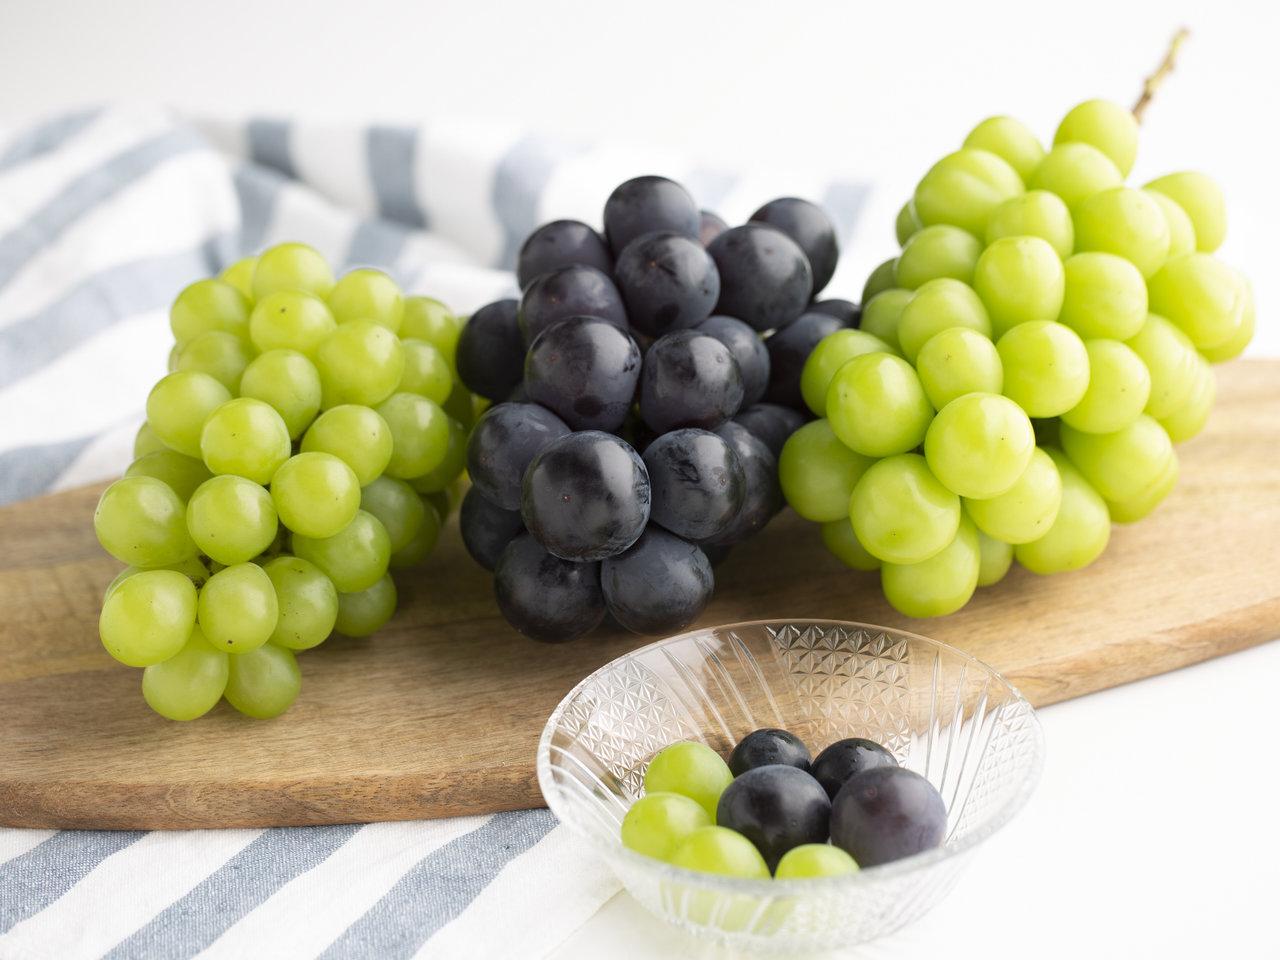 種類豊富な岡山のぶどうを食べくらべ。たくさんある時の簡単レシピも紹介